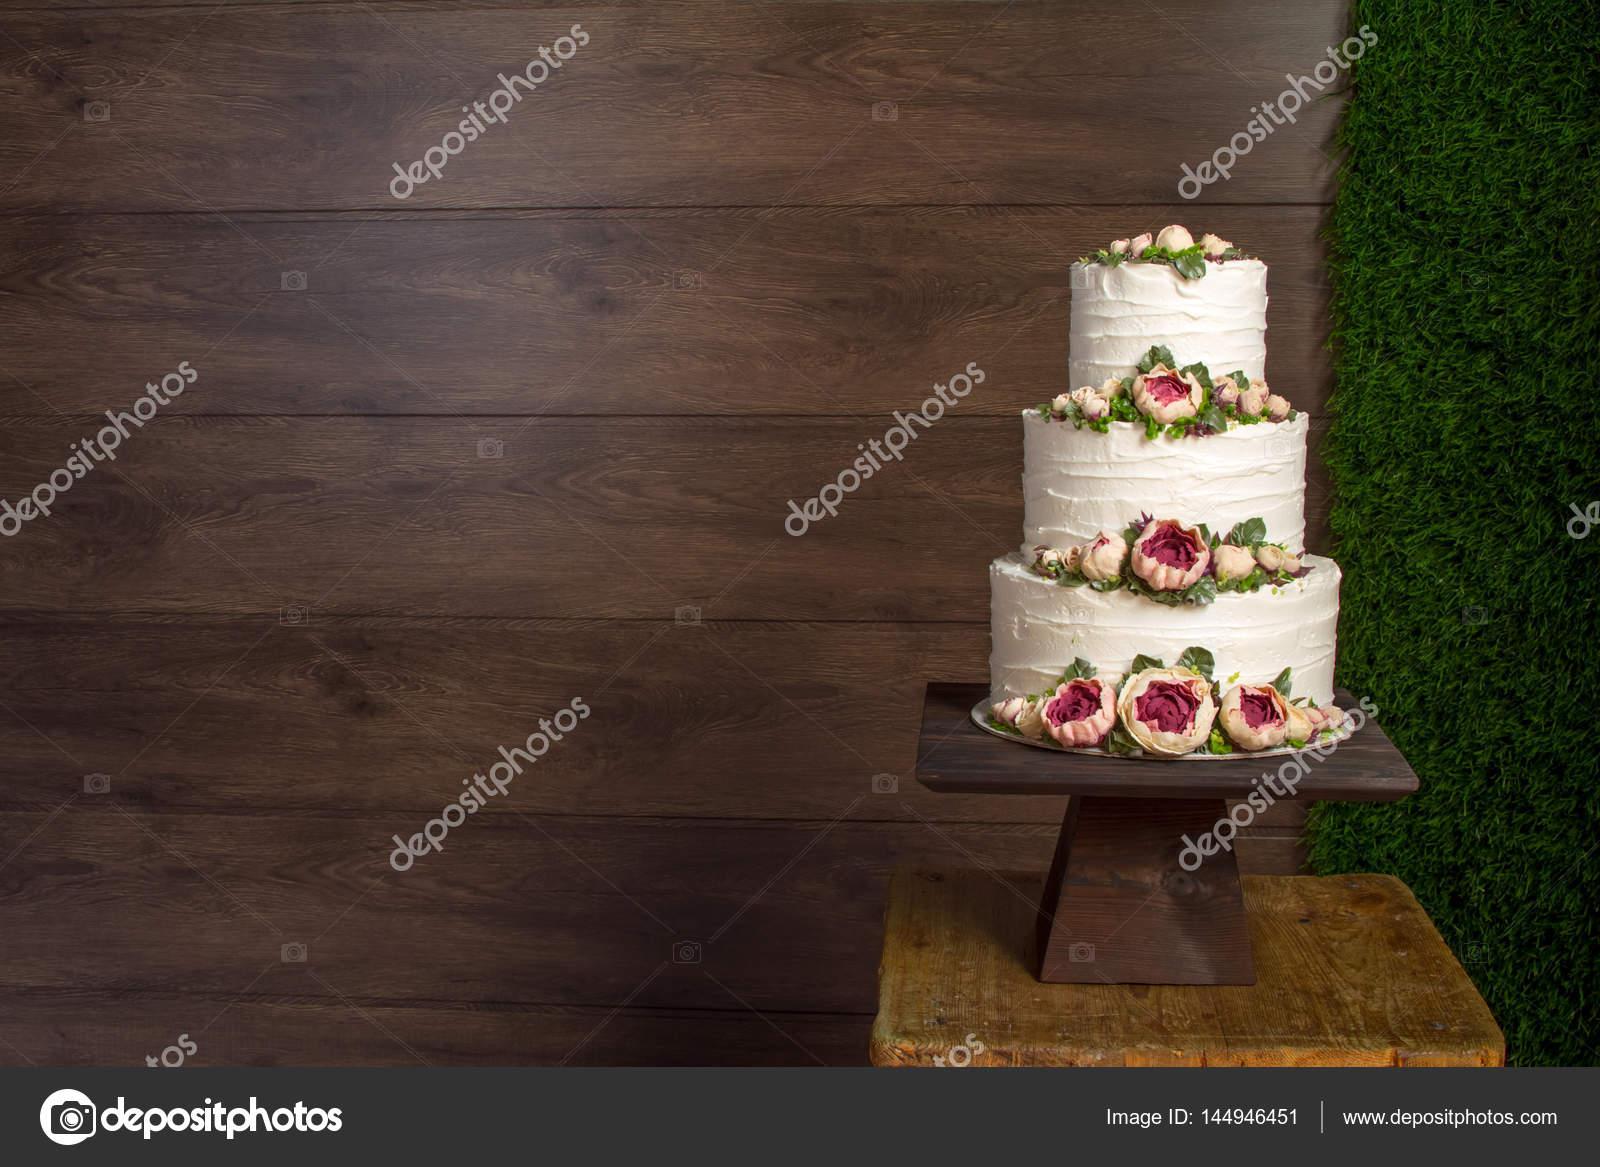 Cakes To Order Stock Photo Ramann 144946451